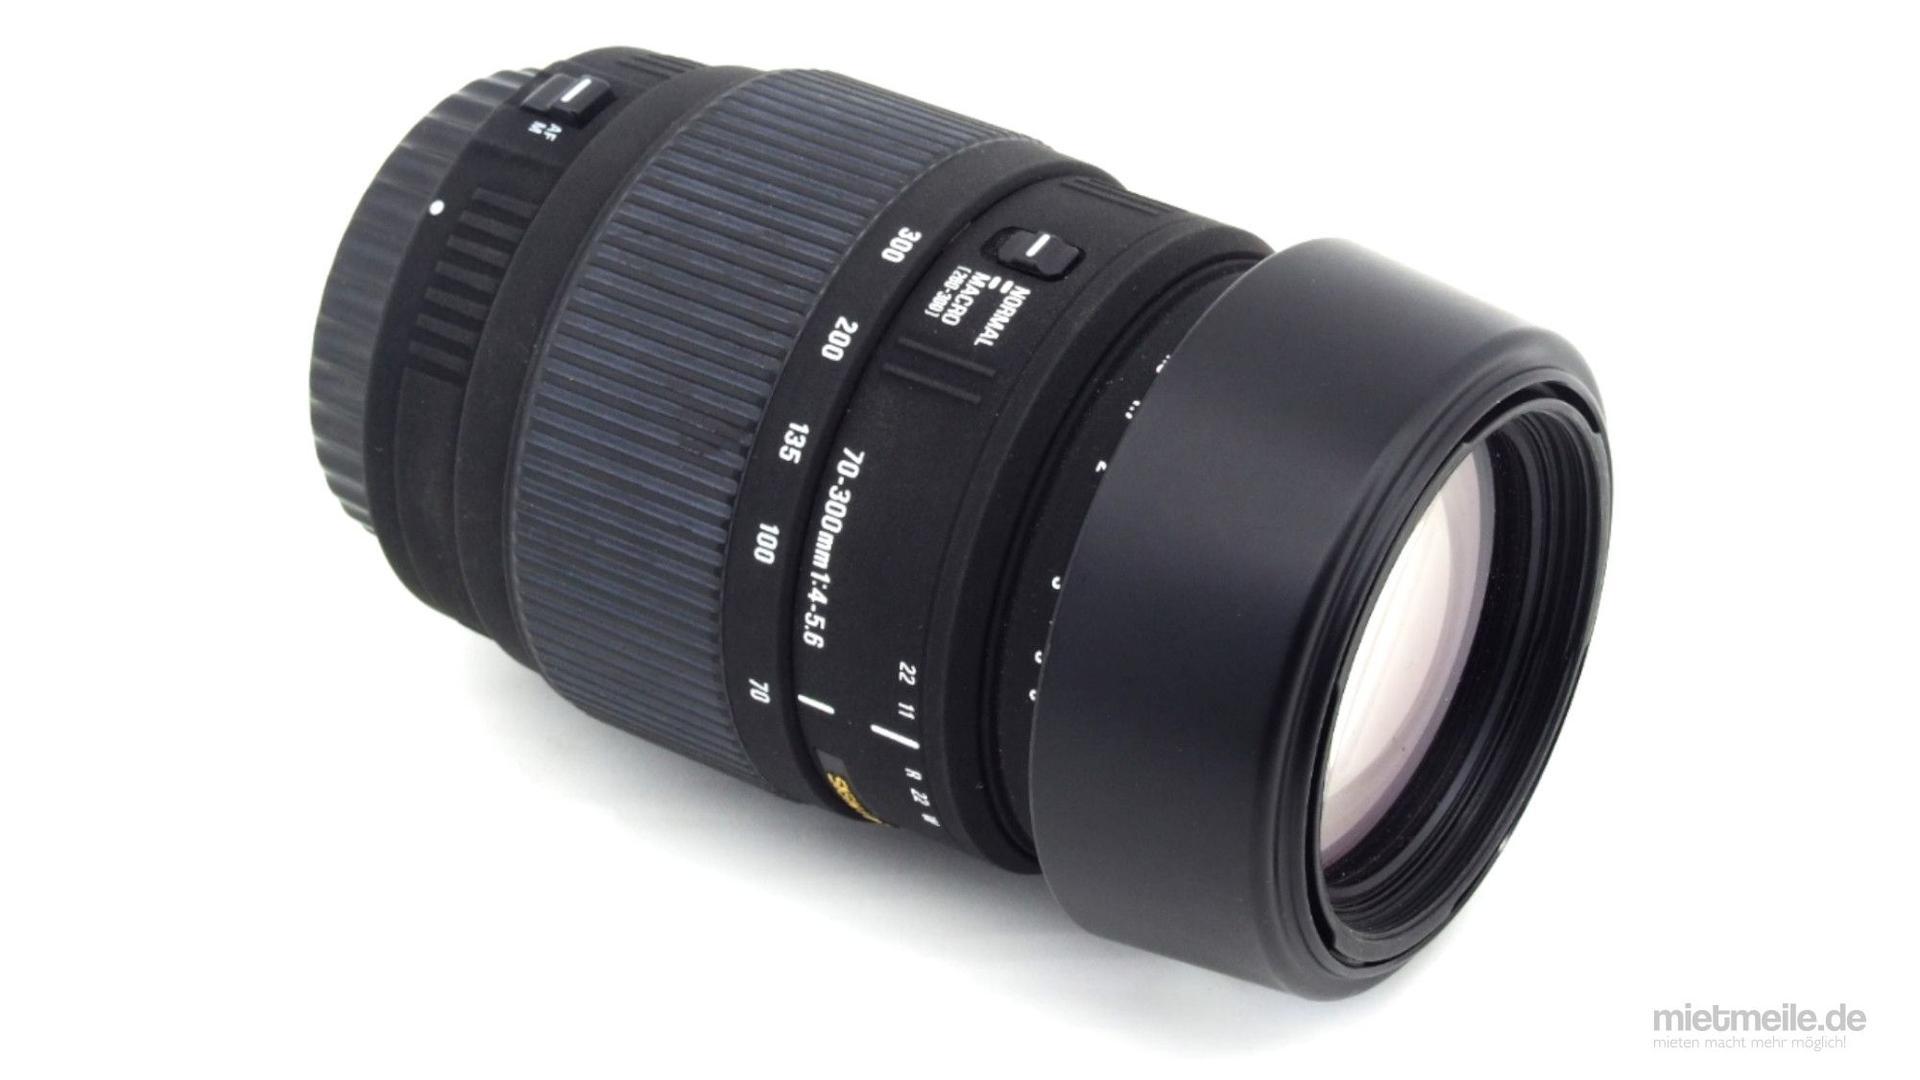 Objektive mieten & vermieten - Tele-Objektiv Makro Sigma 70-300mm F/4-5,6 Canon EF in Schkeuditz